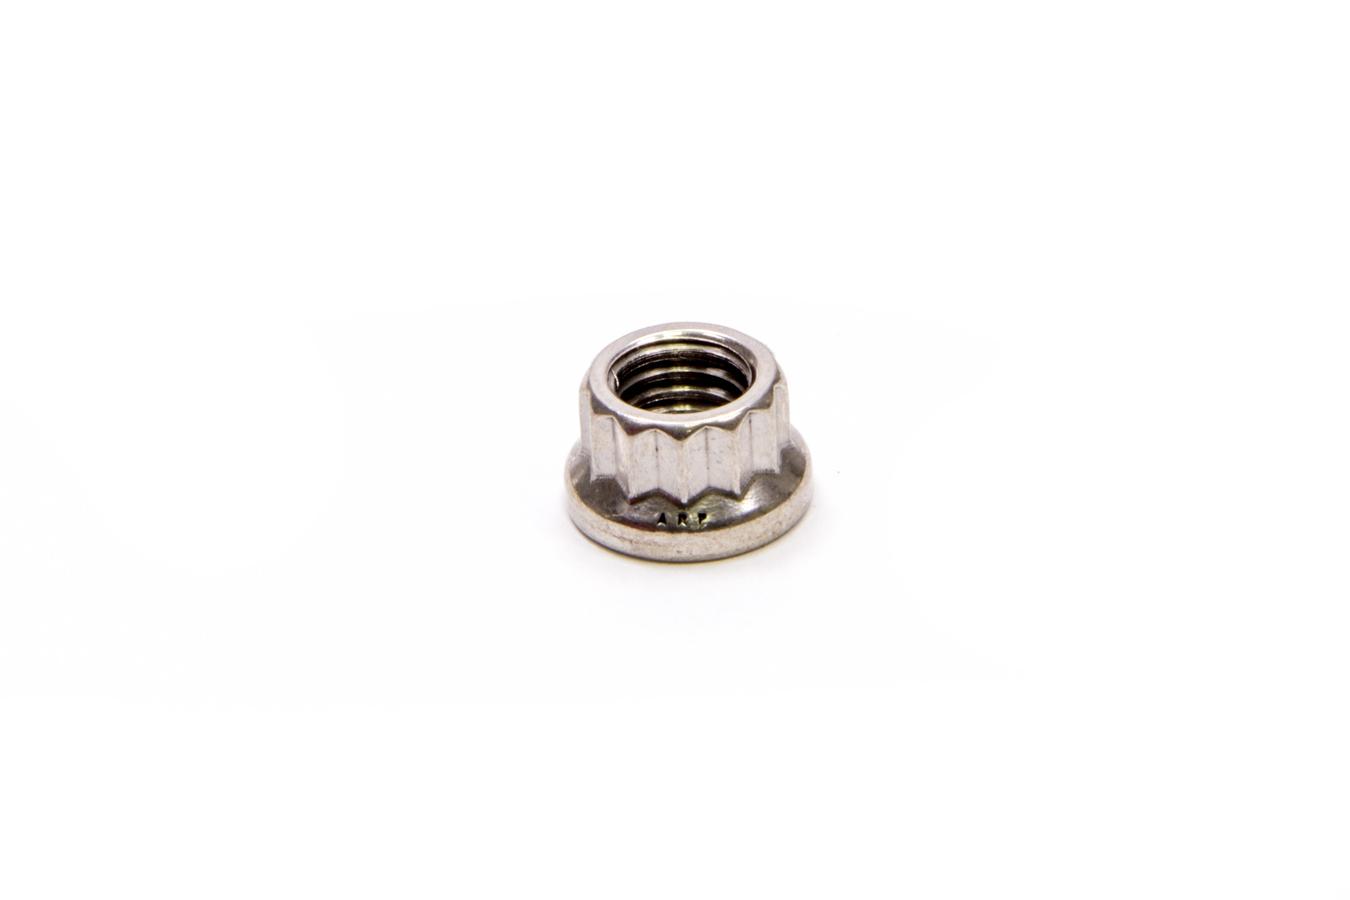 Arp S/S 12pt. Nut - 8mm x 1.25 (1)